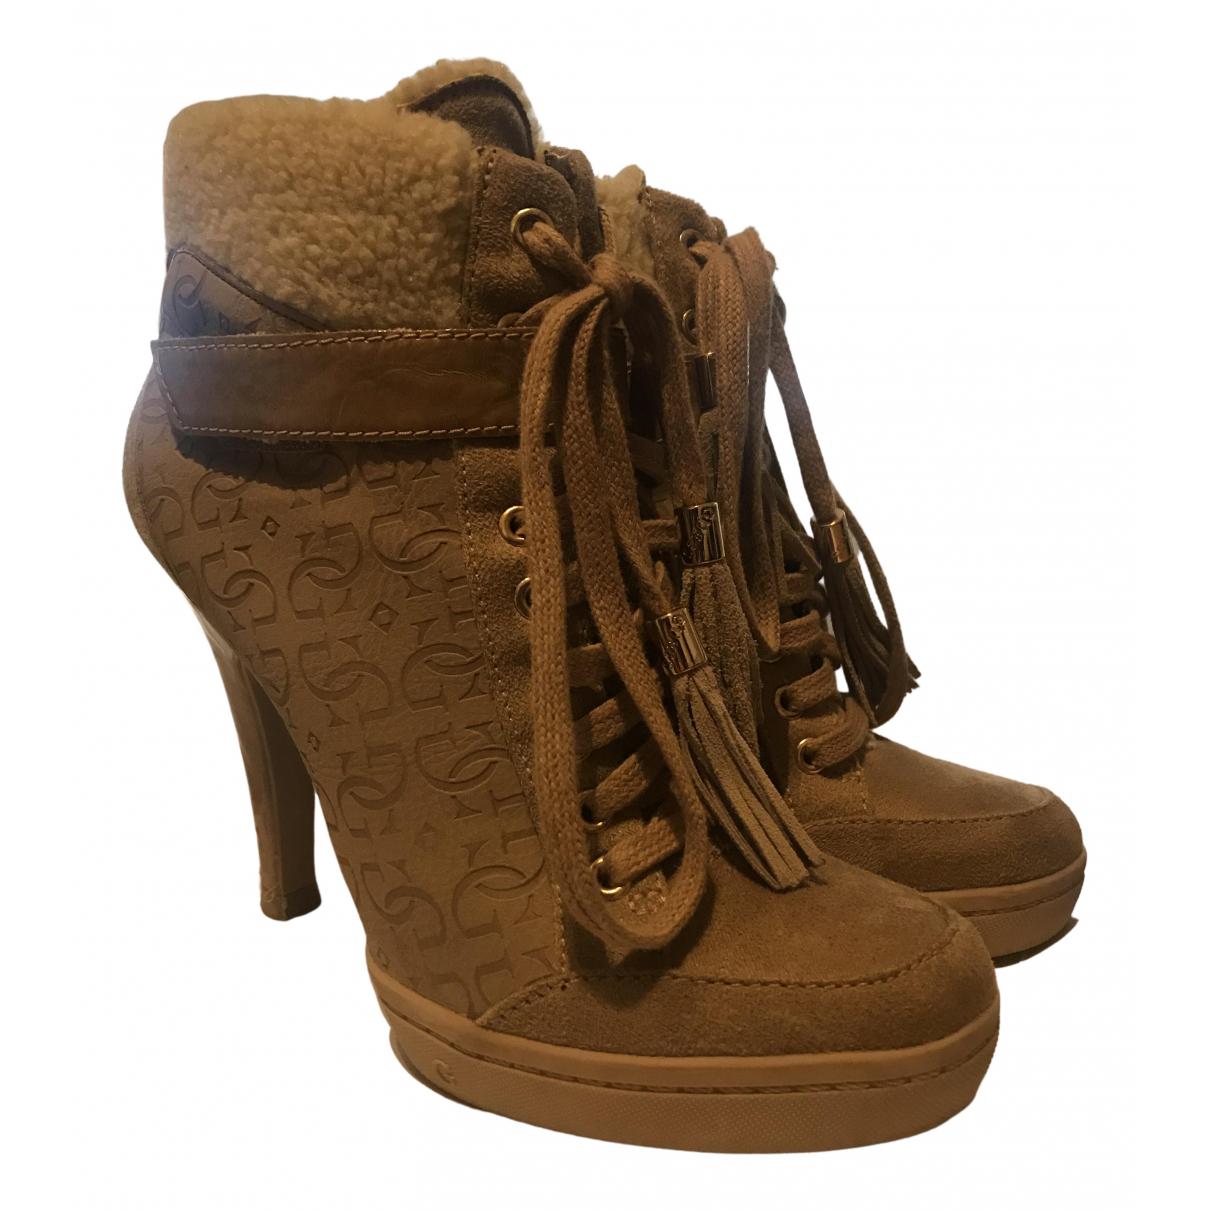 Guess - Boots   pour femme en suede - beige